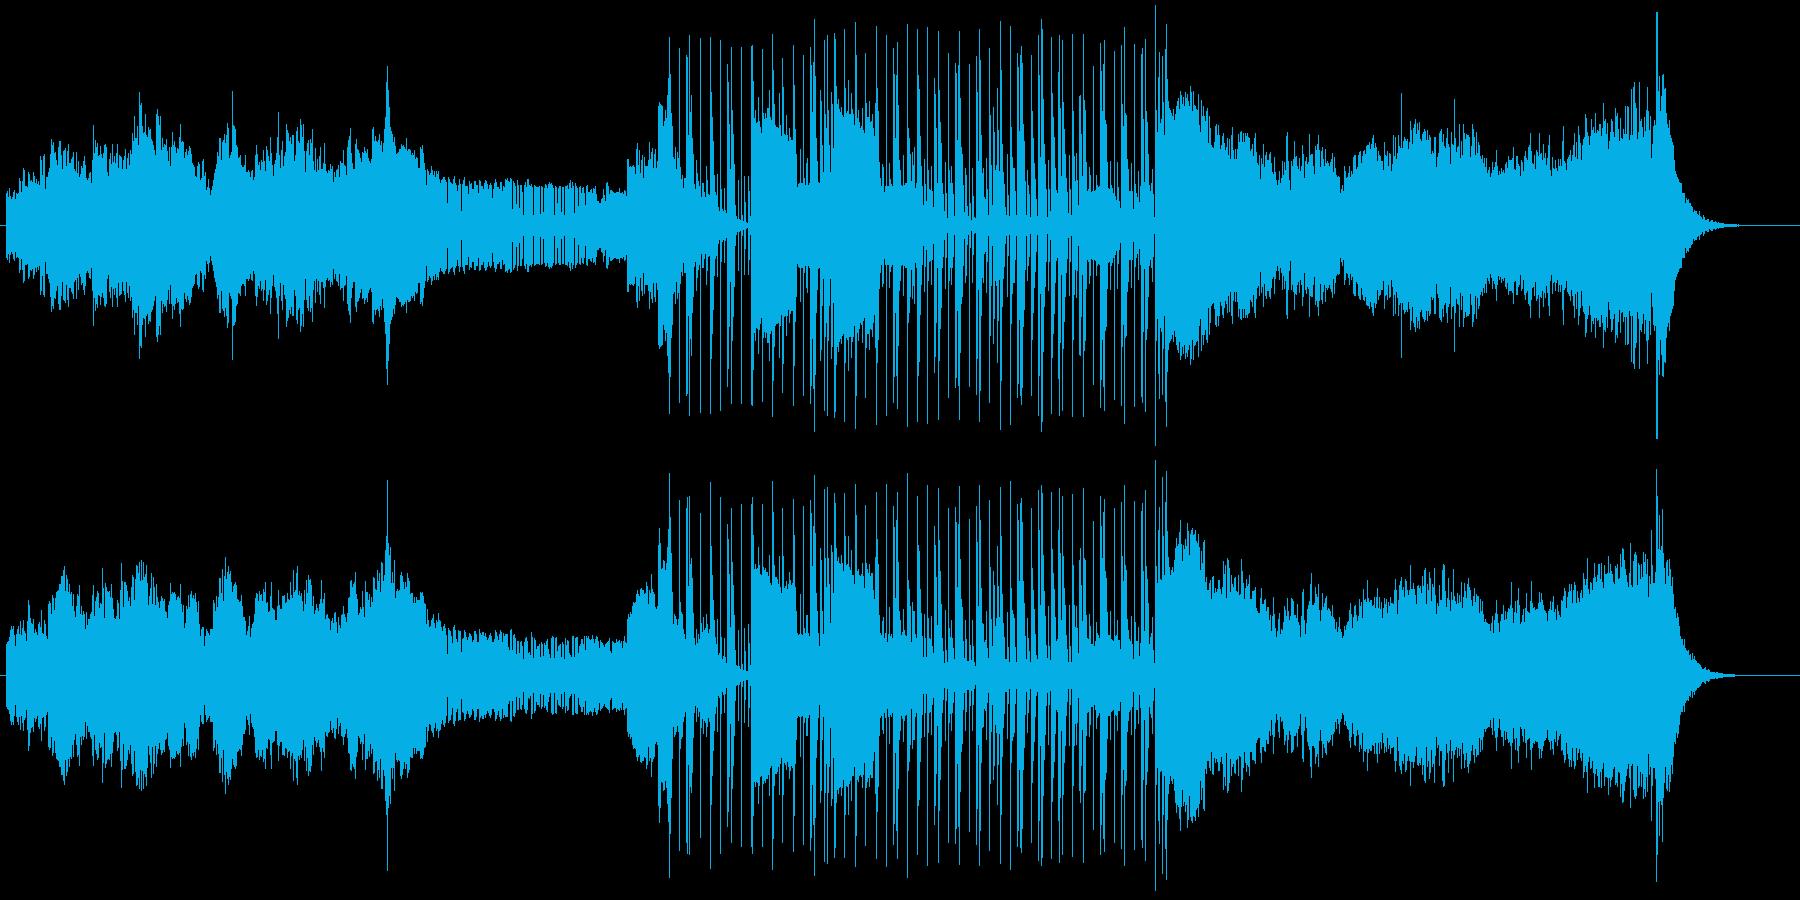 ふんわり感溢れるインストバラードの再生済みの波形